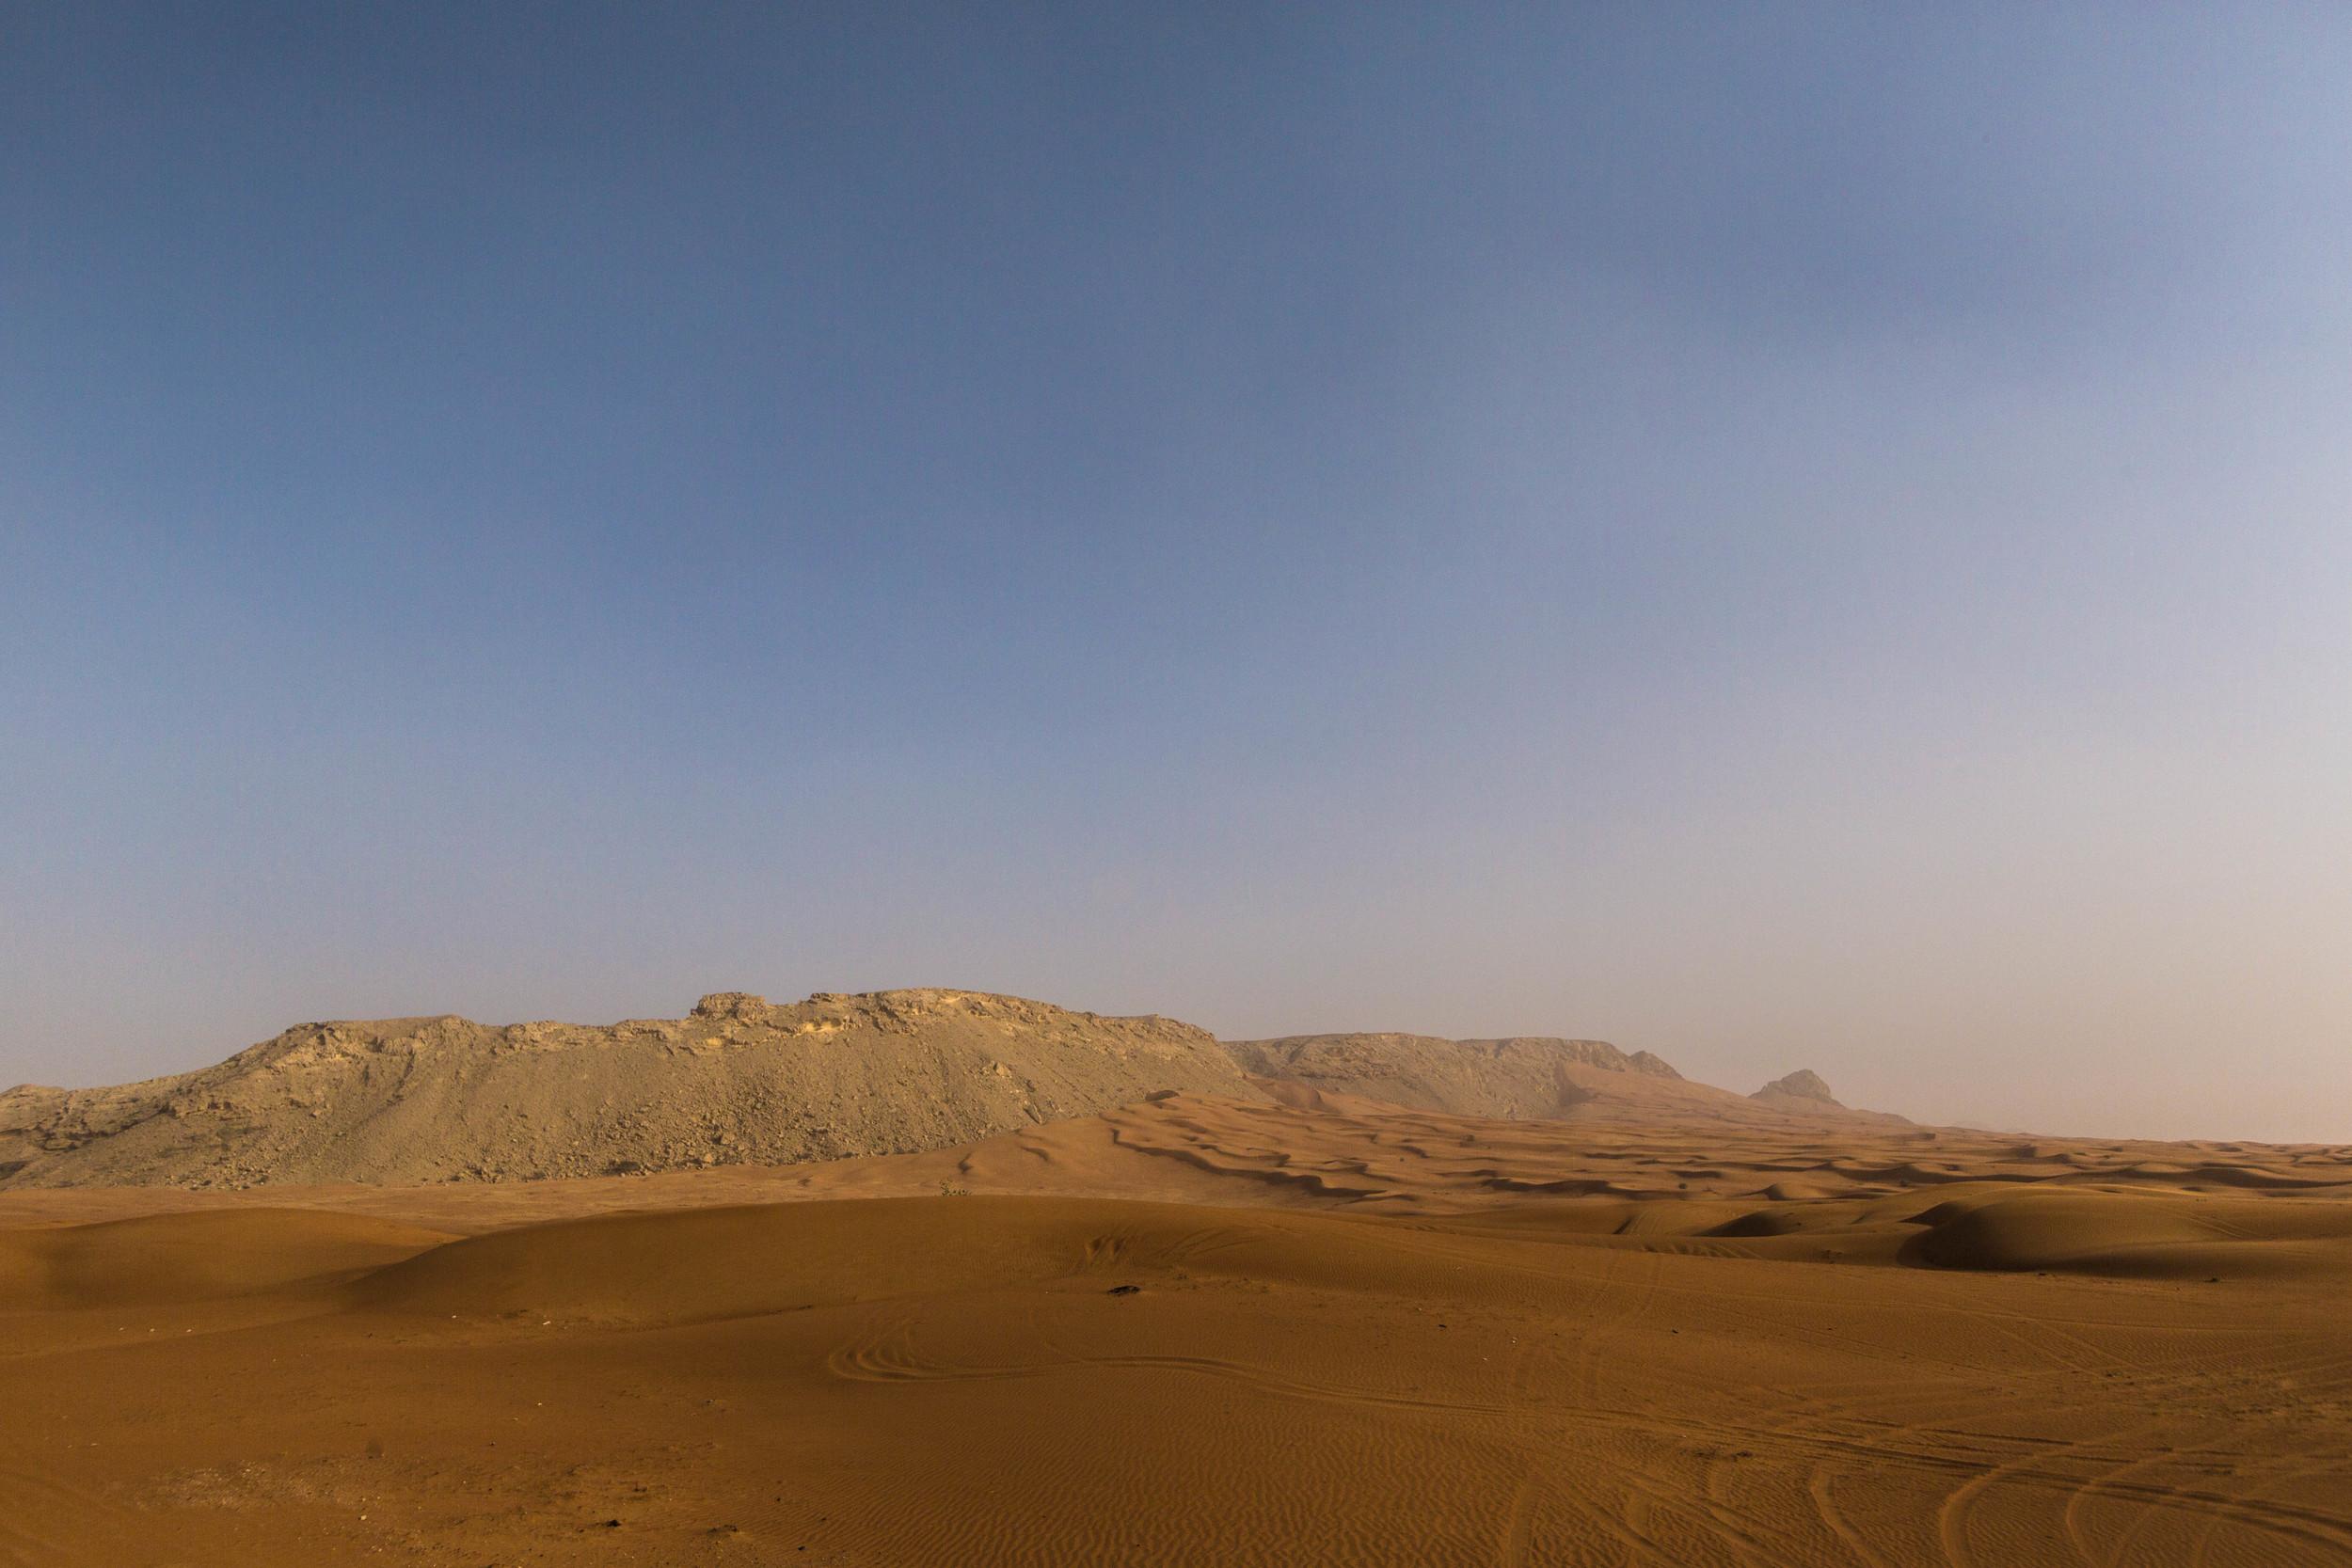 The desert outside Dubai.